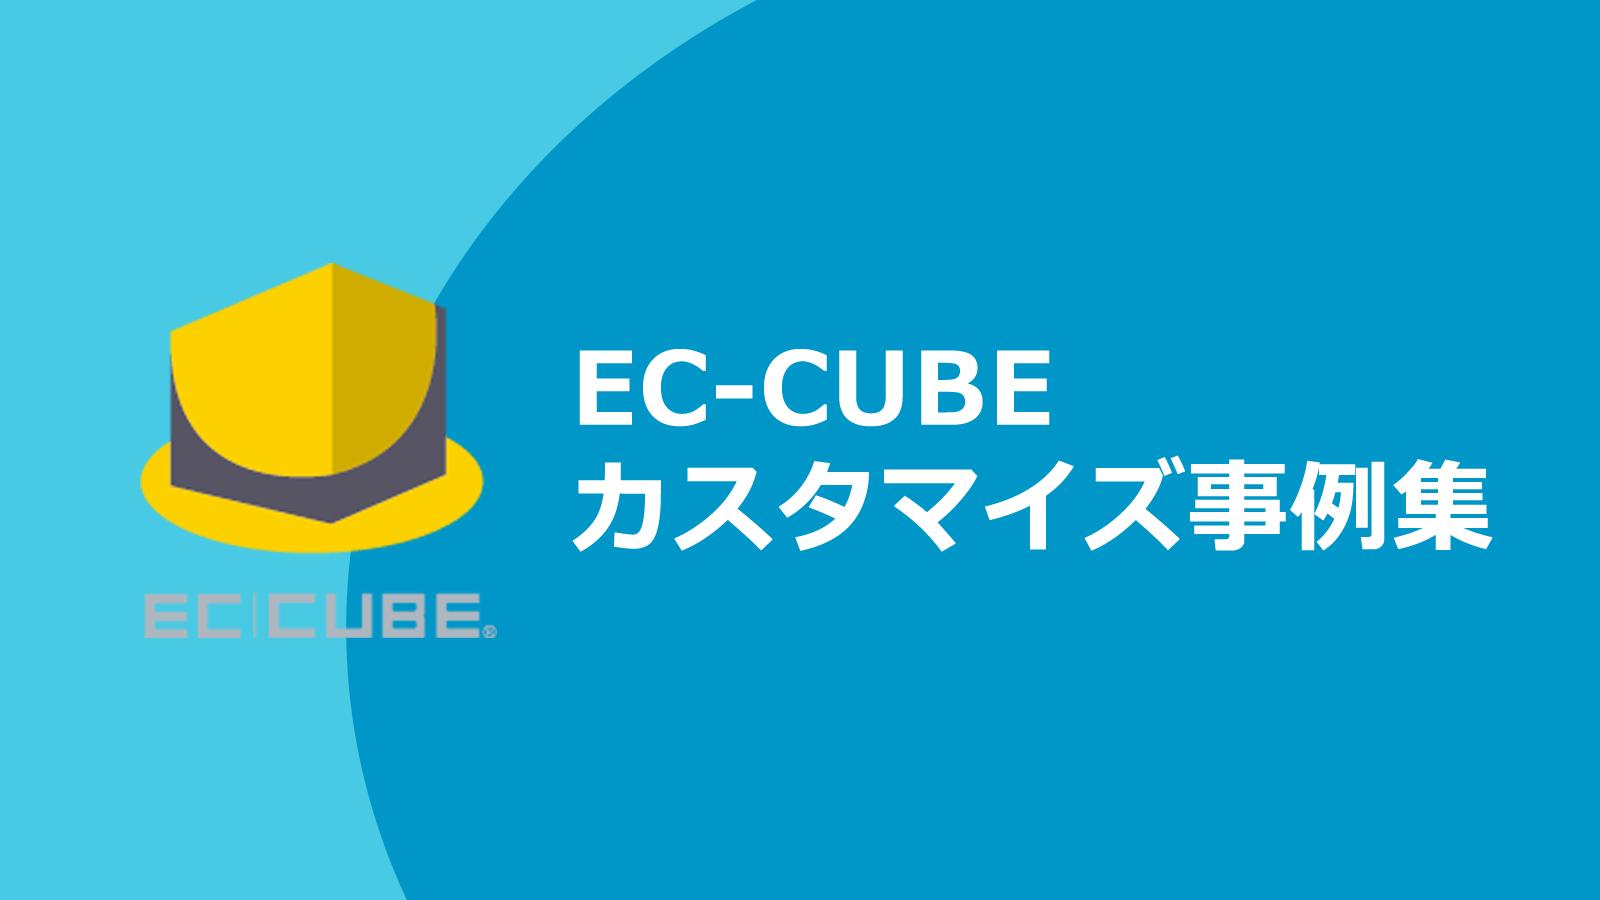 EC-CUBEカスタマイズ事例をまとめてみました